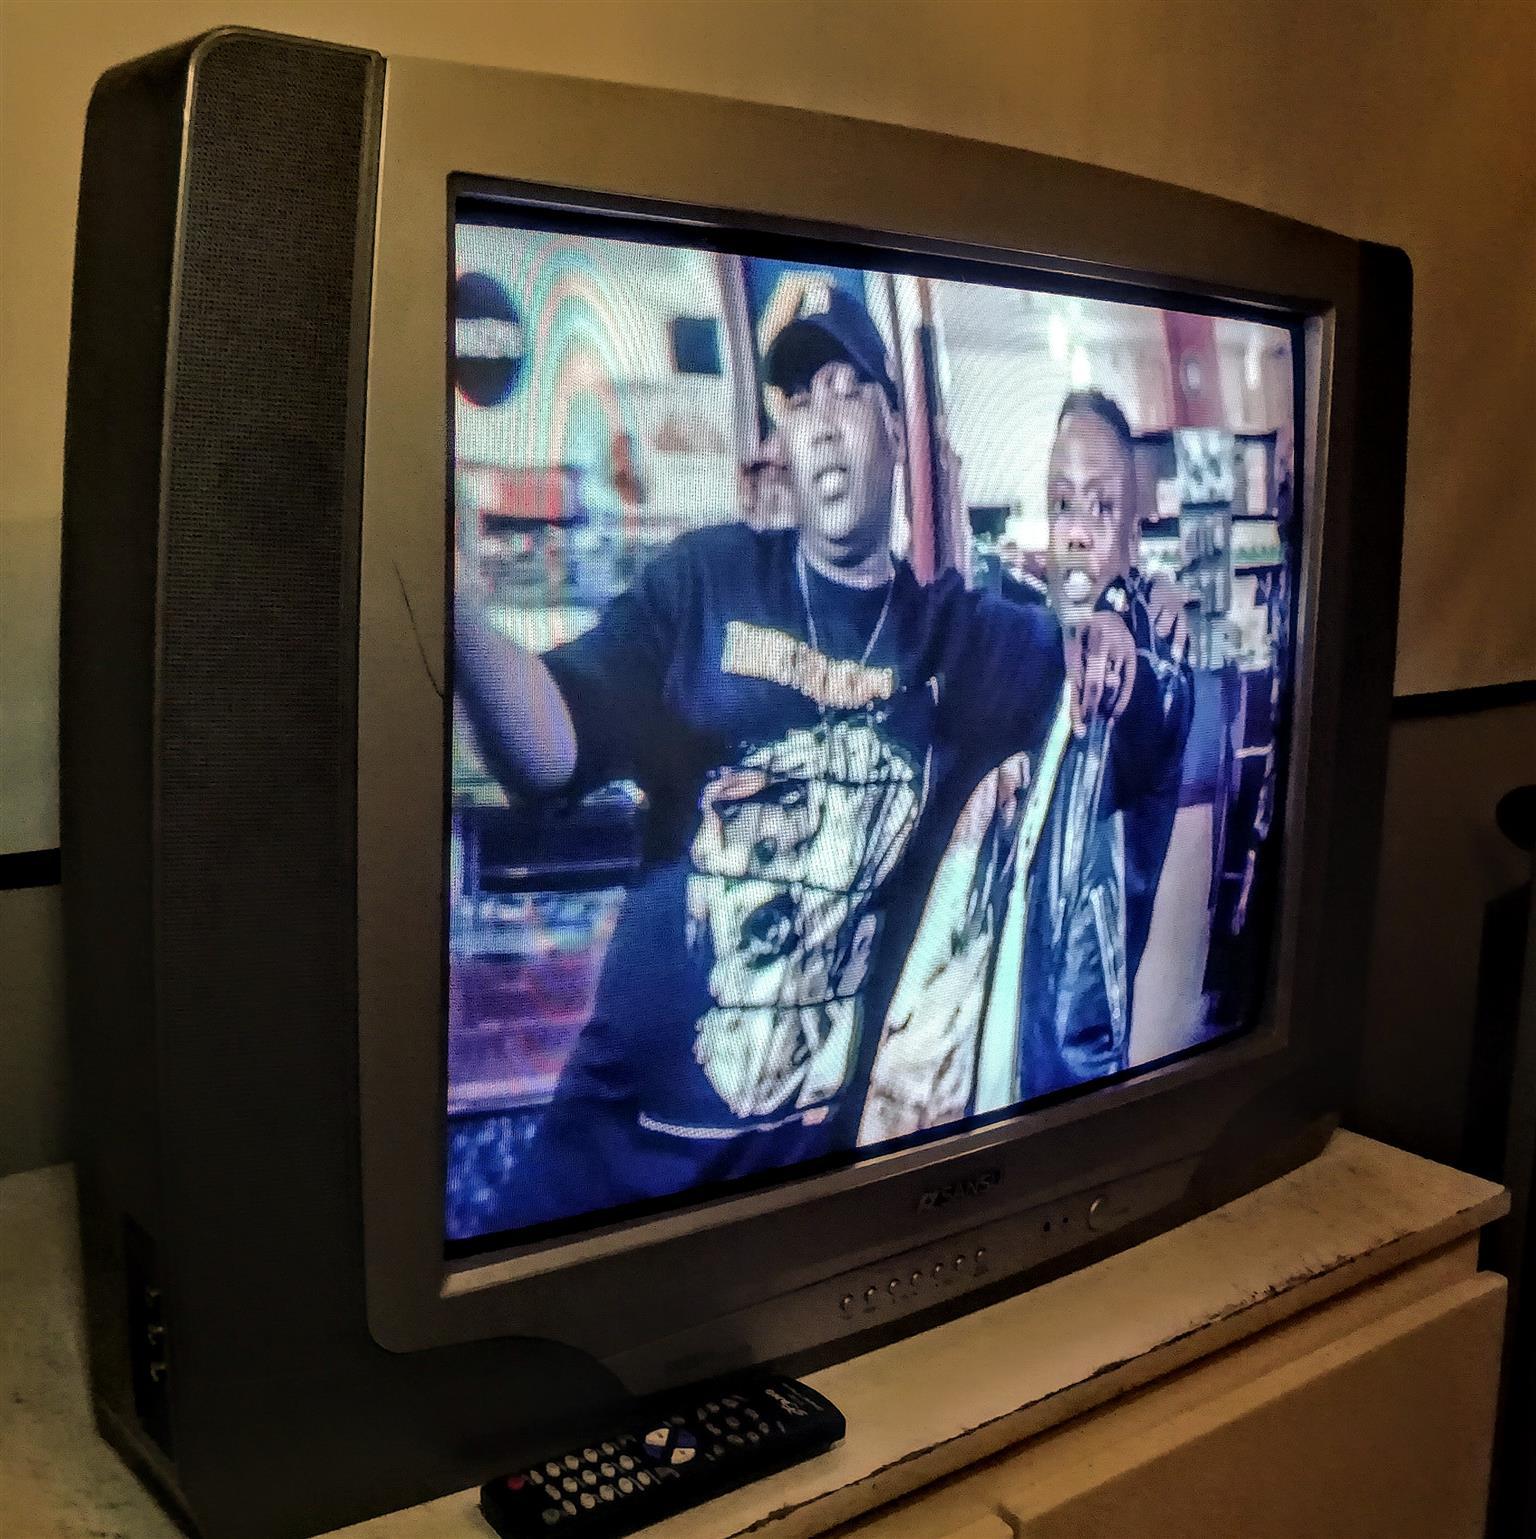 74 cm Sansui tv